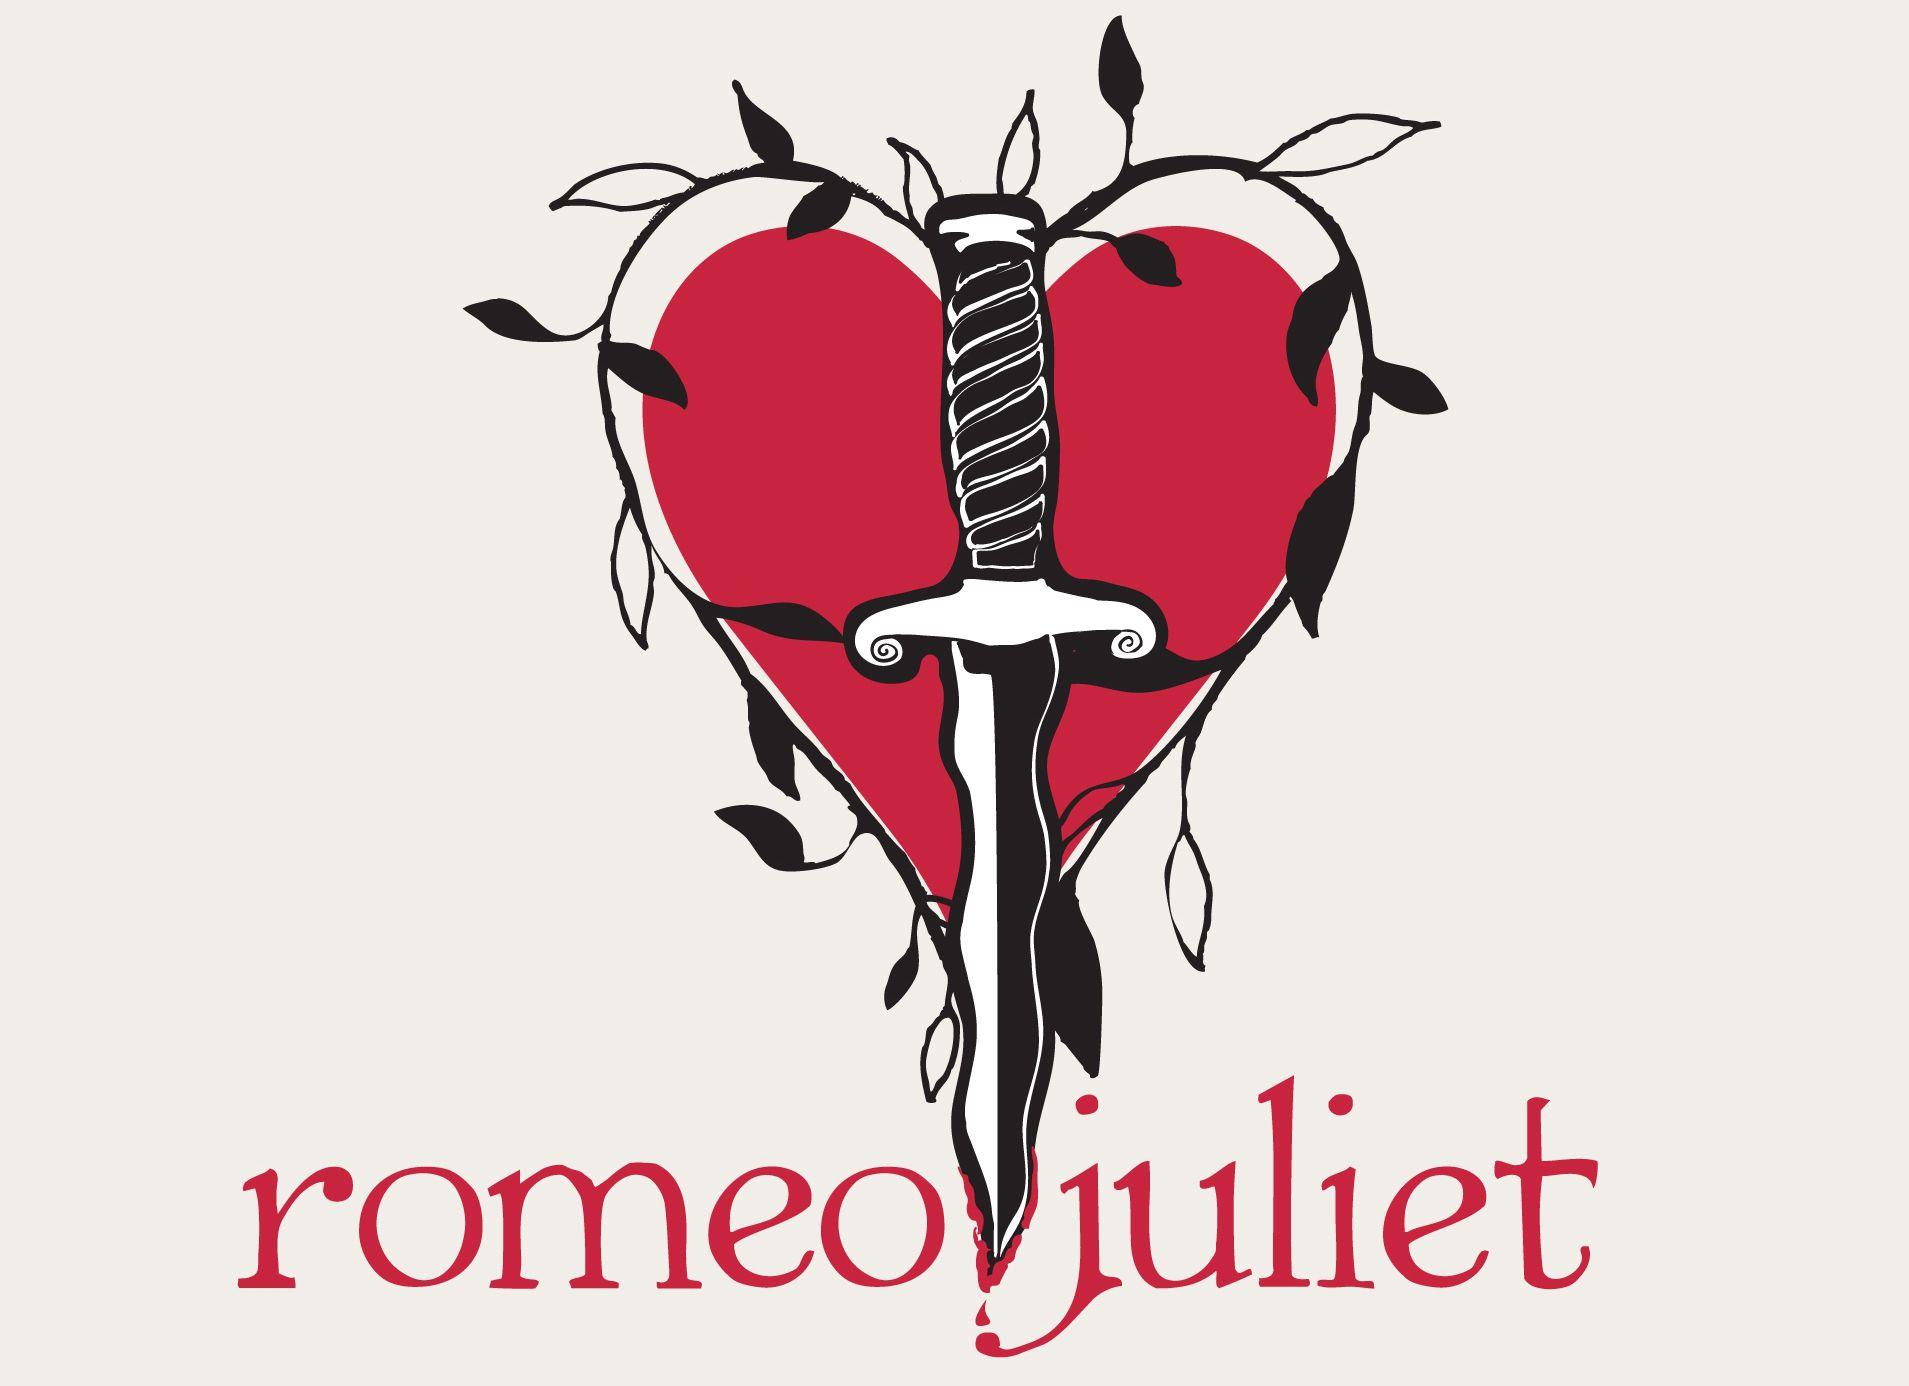 عندما تتصفح مواقع المعرفة حول هذه المسرحية الخالدة روميو وجولييت على النت،  سوف تكتشف أن هذه القصة الخالدة التى كتبها ويليام شكسبير عن وقائع حقيقية،  قبل خمسة ...